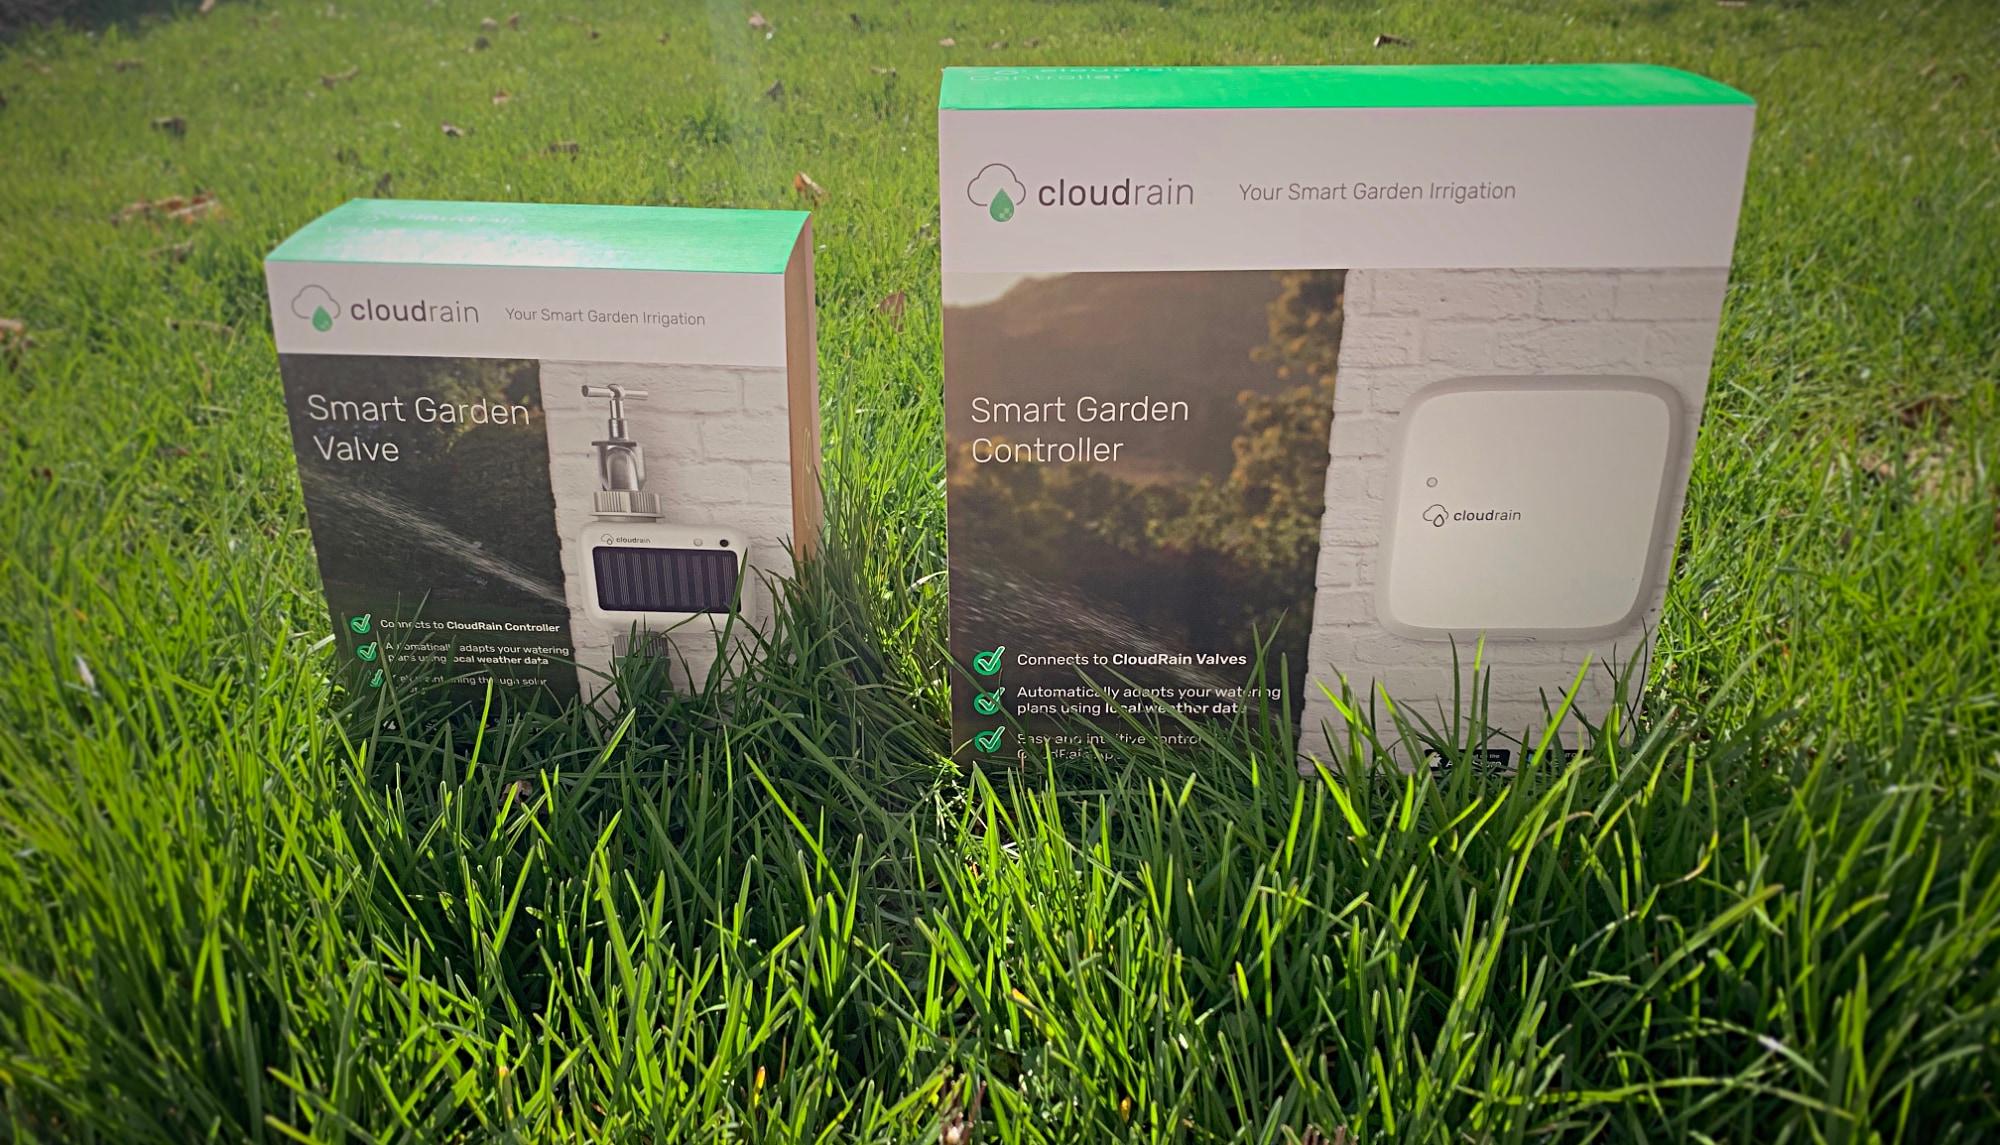 cloudrain die intelligente Gartenbewässerung